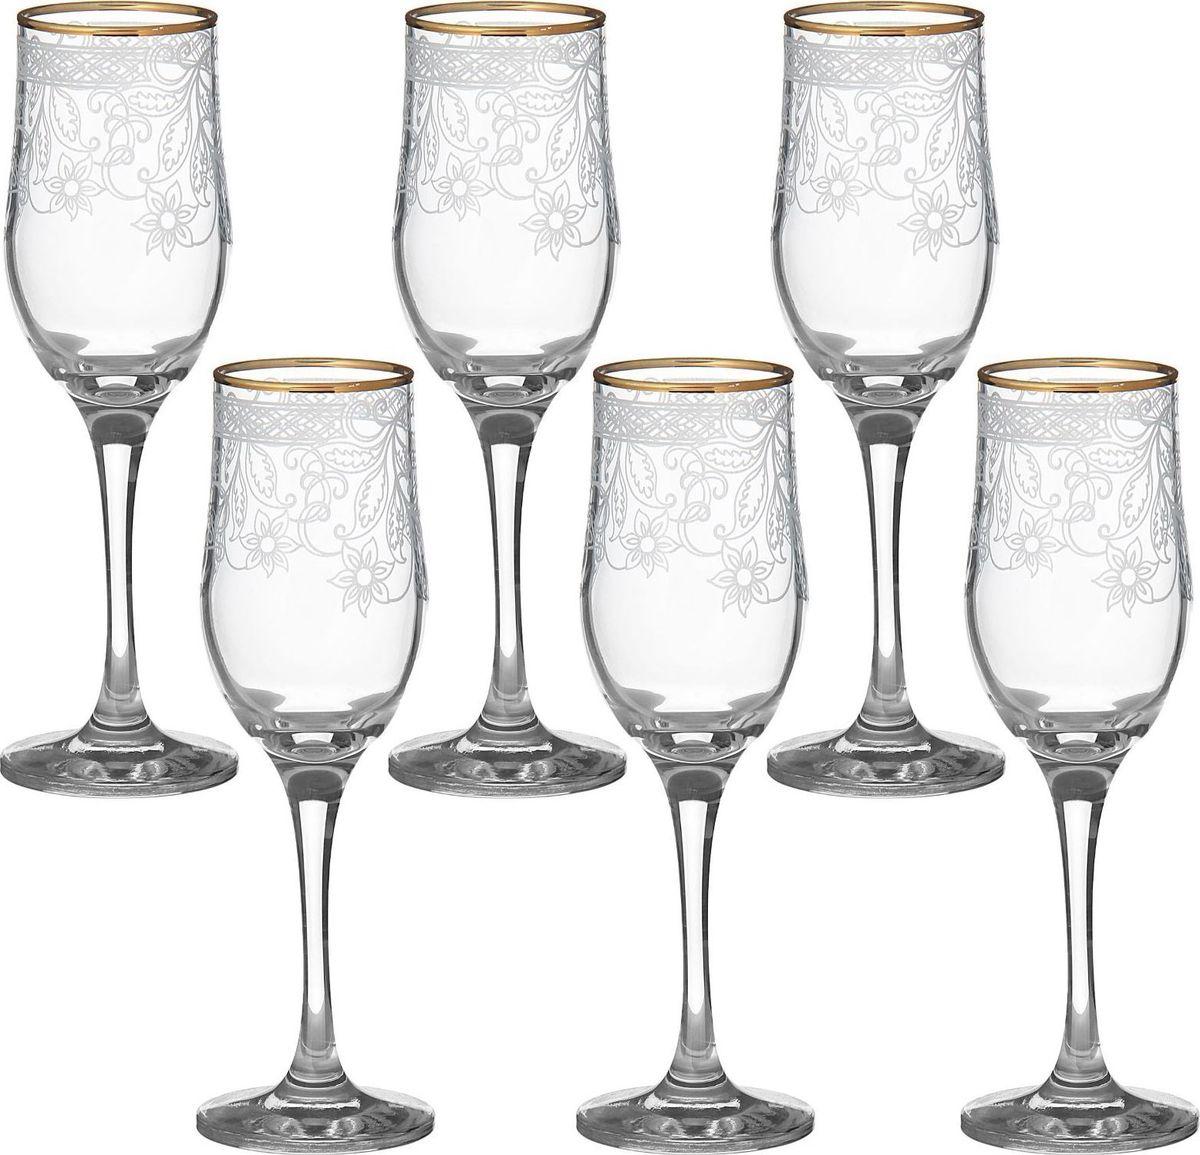 """Набор Декостек """"Акация"""" состоит из шести бокалов, выполненных из прочного высококачественного прозрачного стекла. Изделия декорированы золотистой каймой и оригинальной гравировкой. Бокалы предназначены для подачи шампанского. Они излучают приятный блеск и издают мелодичный звон. Бокалы сочетают в себе элегантный дизайн и функциональность. Благодаря такому набору пить напитки будет еще вкуснее.Набор бокалов Декостек """"Акация"""" прекрасно оформит праздничный стол и создаст приятную атмосферу за романтическим ужином. Такой набор также станет хорошим подарком к любому случаю. Не использовать в посудомоечной машине."""